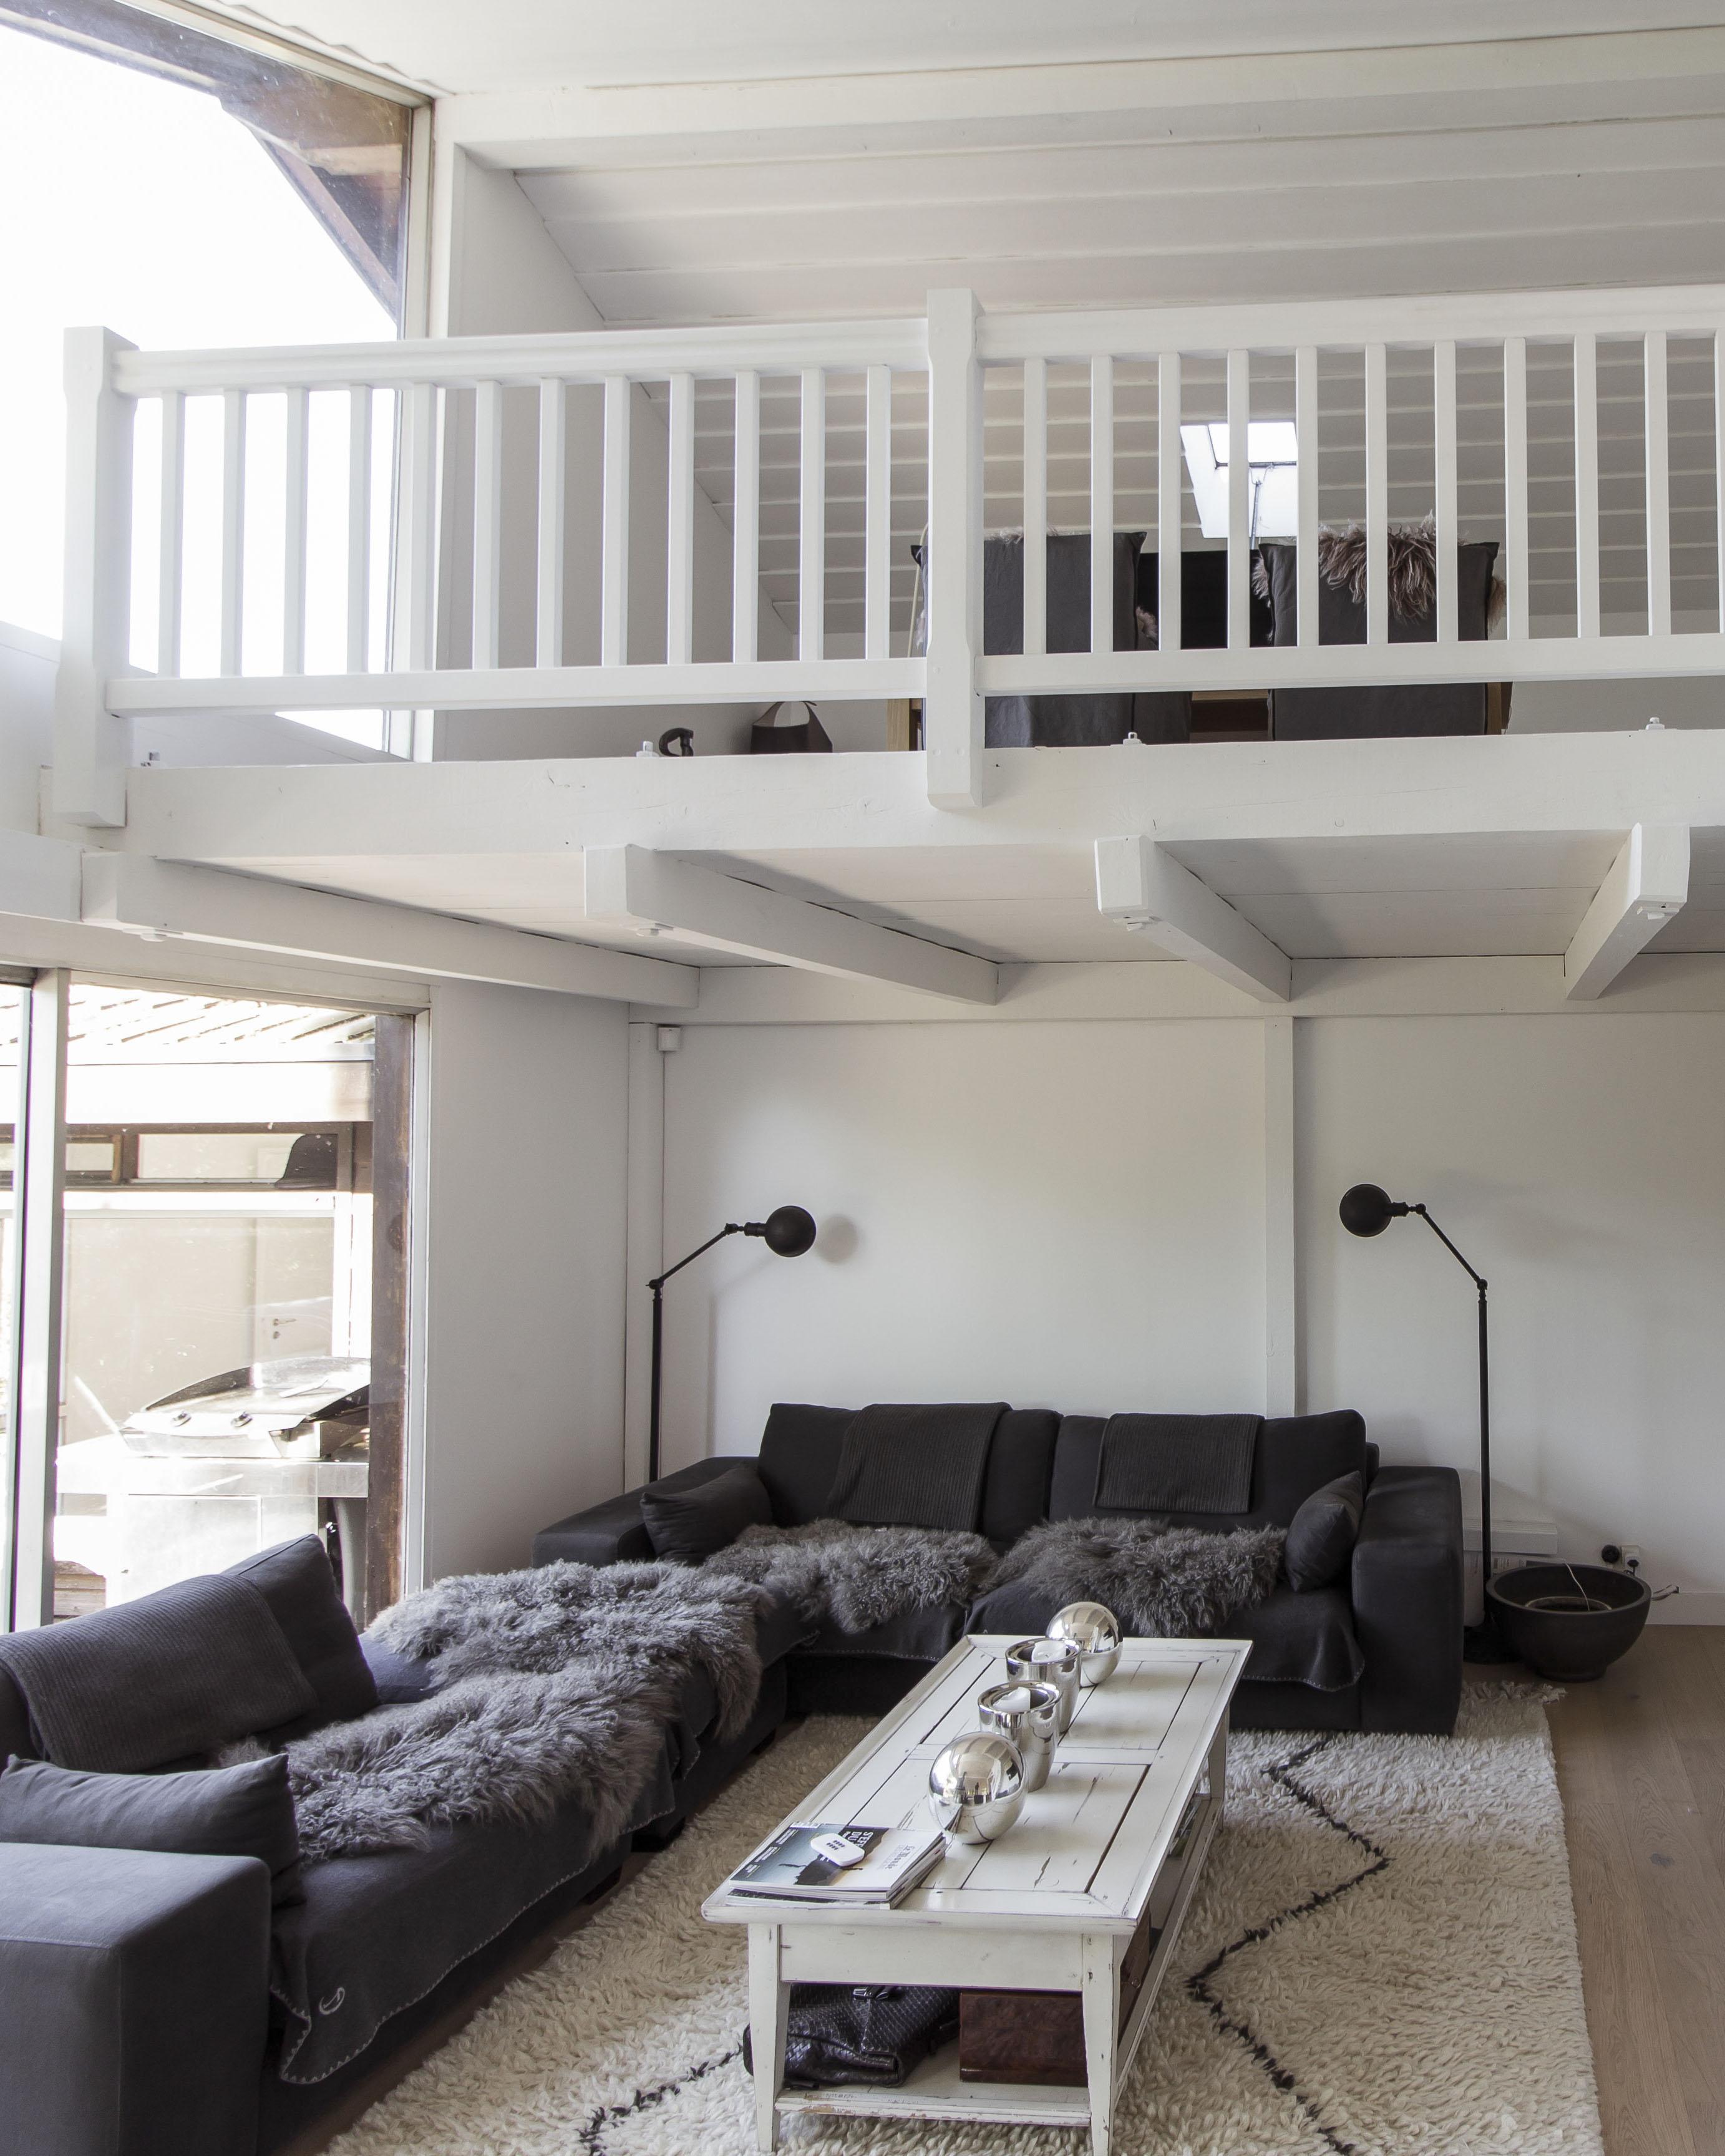 CSDK Architectes Renovation Woodenhouse 04 - Rénovation d'une maison en bois - Genève - CSDK Architectes Renovation Woodenhouse 04